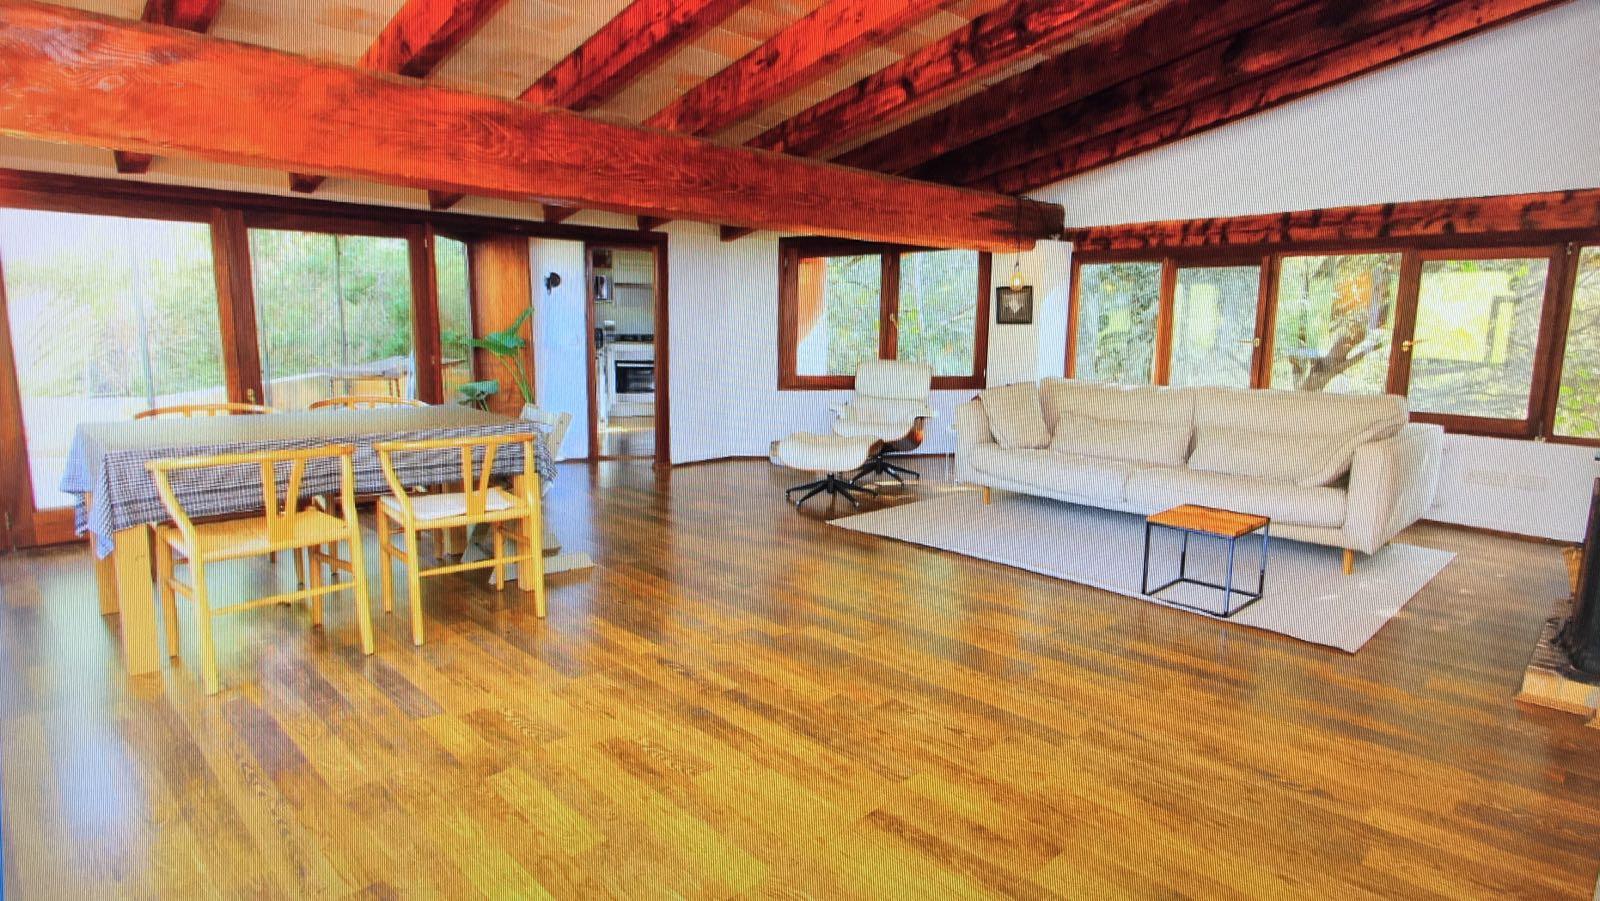 Rent House  Ma-1120. Se alquila fantástica casa a las afueras del maravilloso pueblo